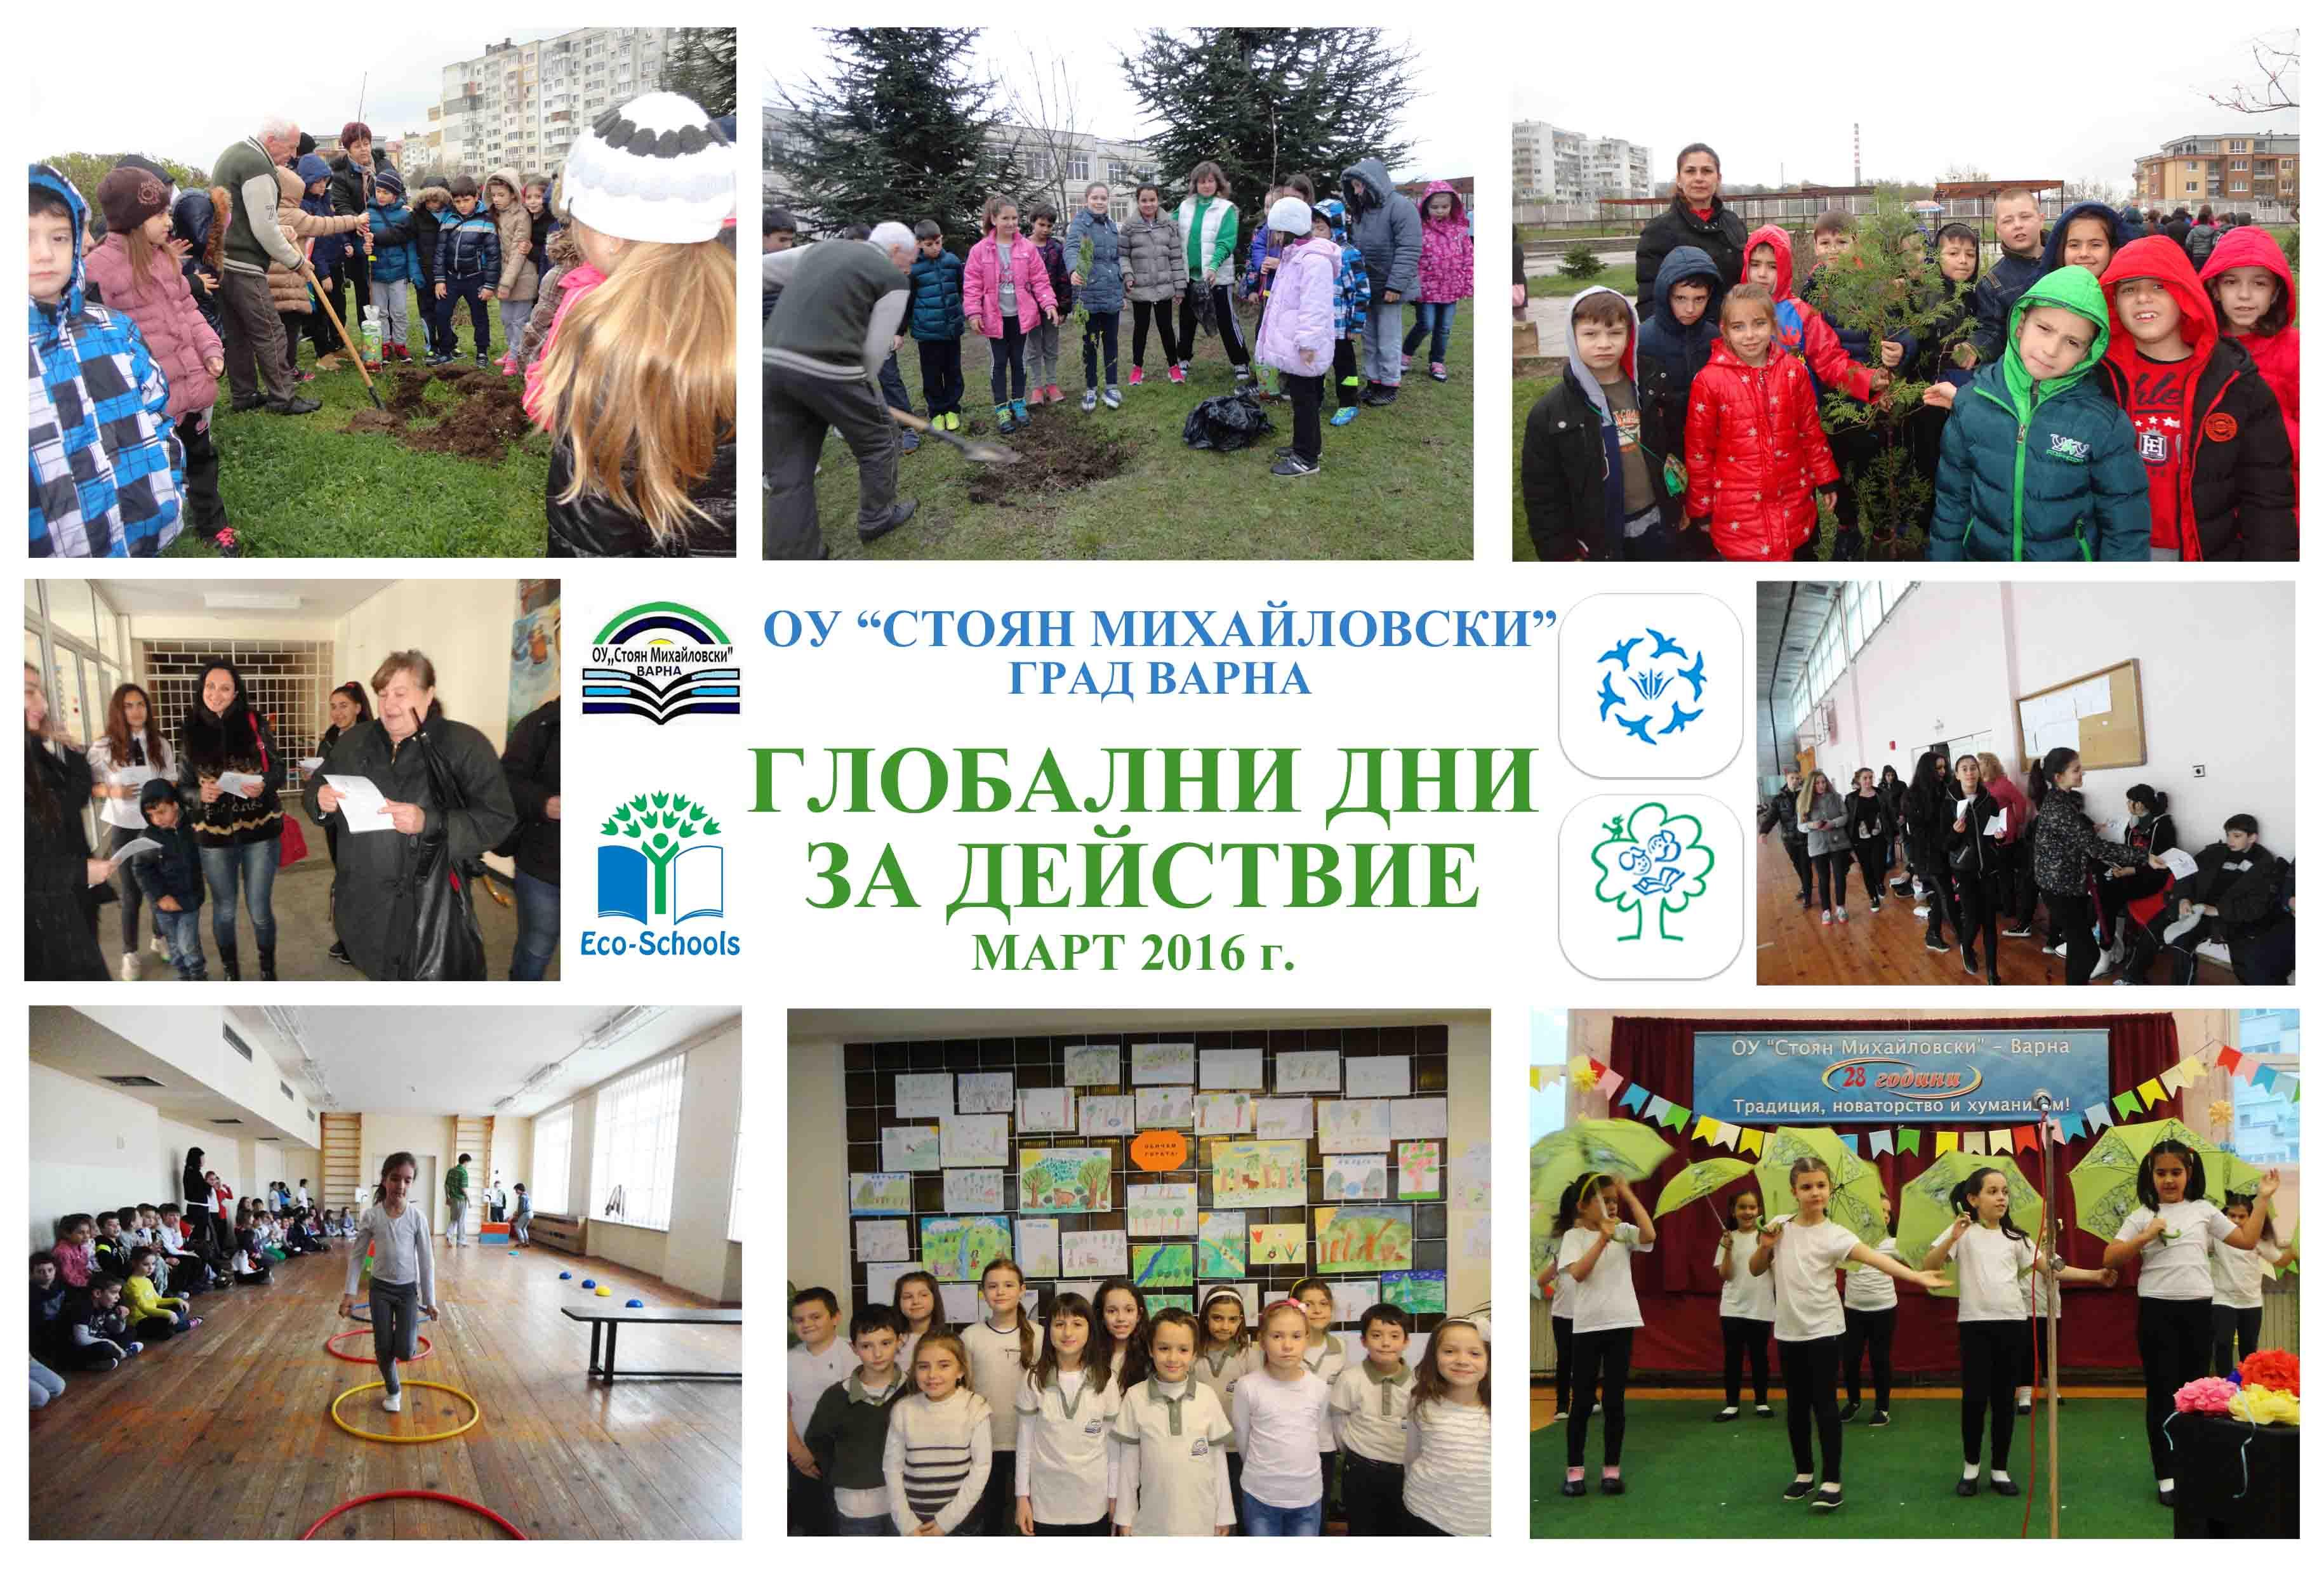 1 Глобални дни за действие март 2016